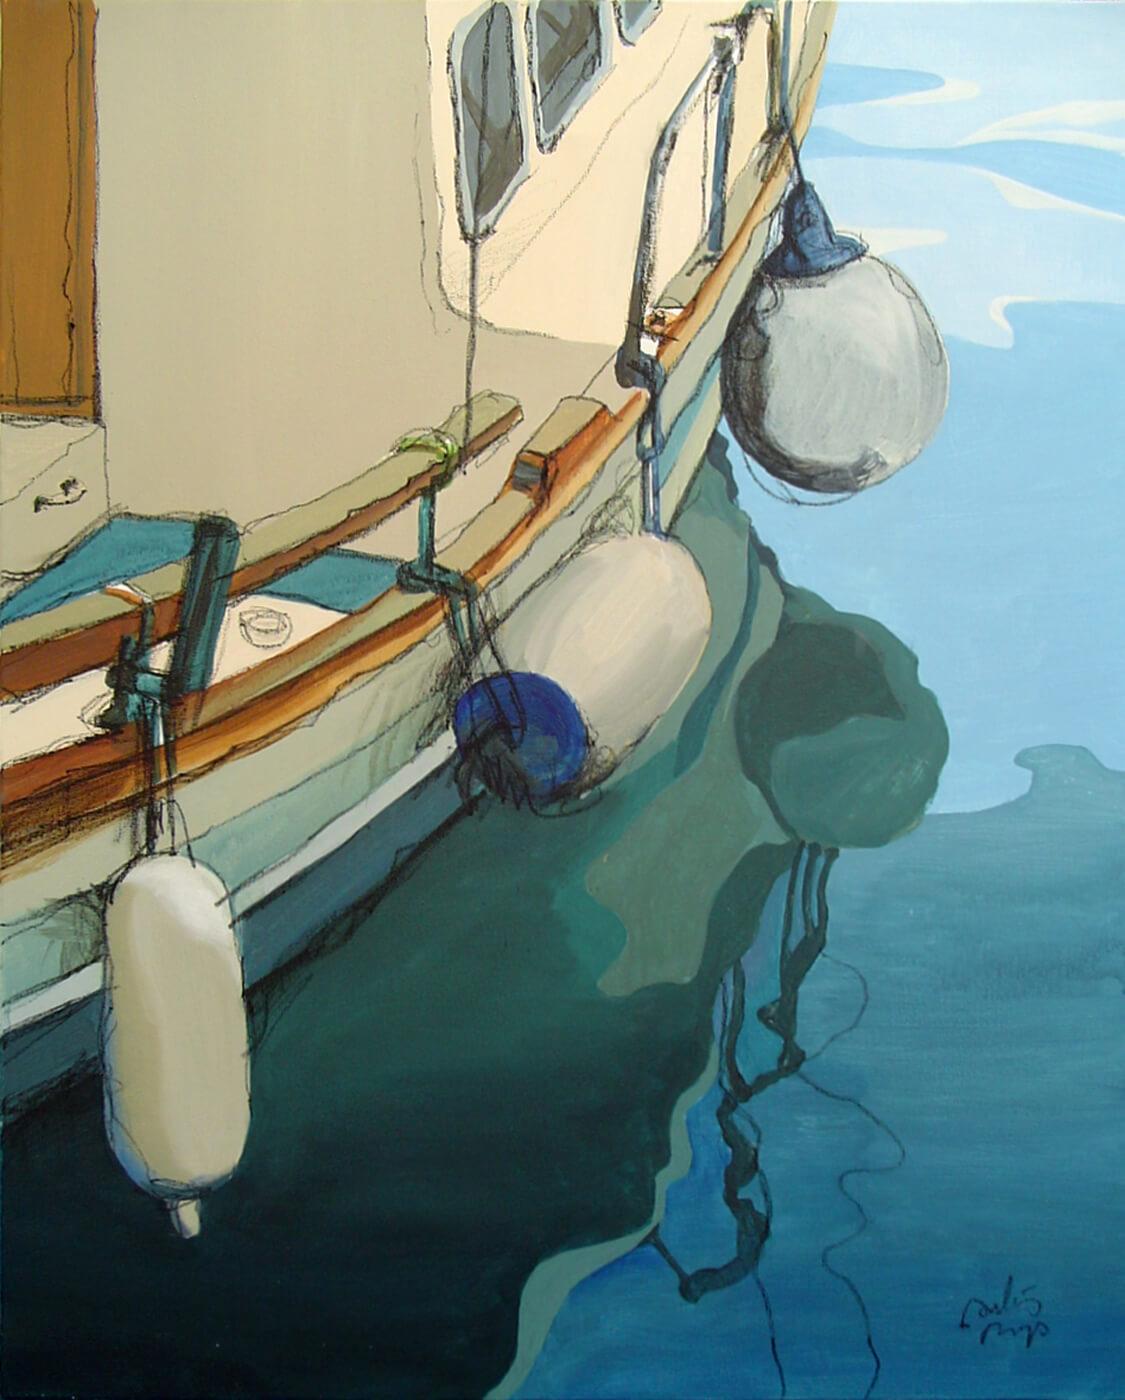 Barco - Ship